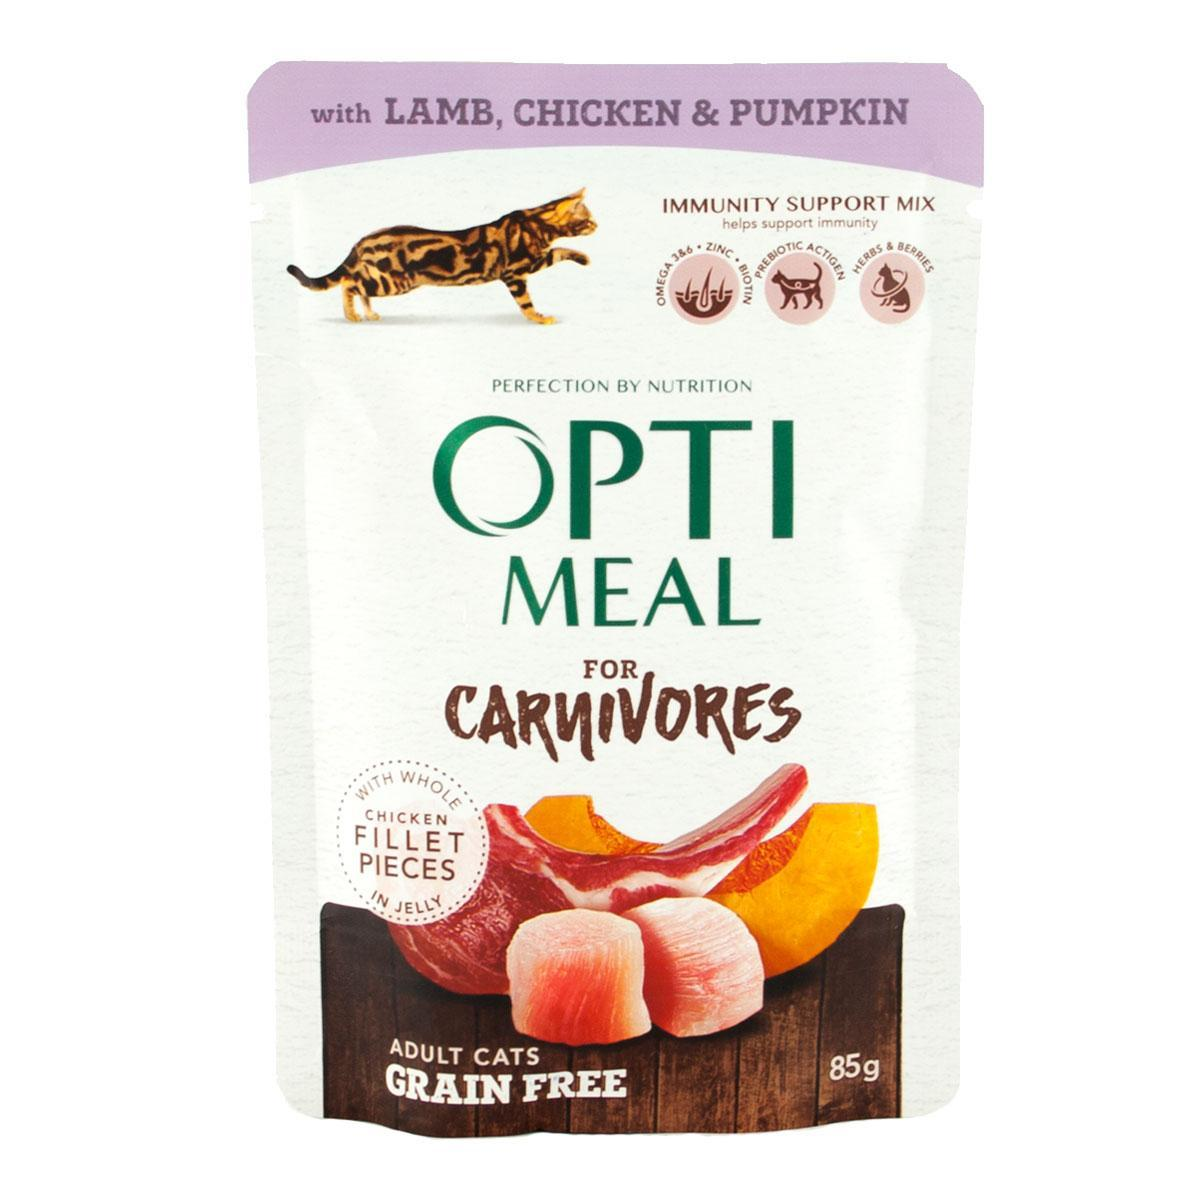 Влажный беззерновой корм для кошек Optimeal с ягнёнком, курицей и тыквой блок 85 г*12 шт.